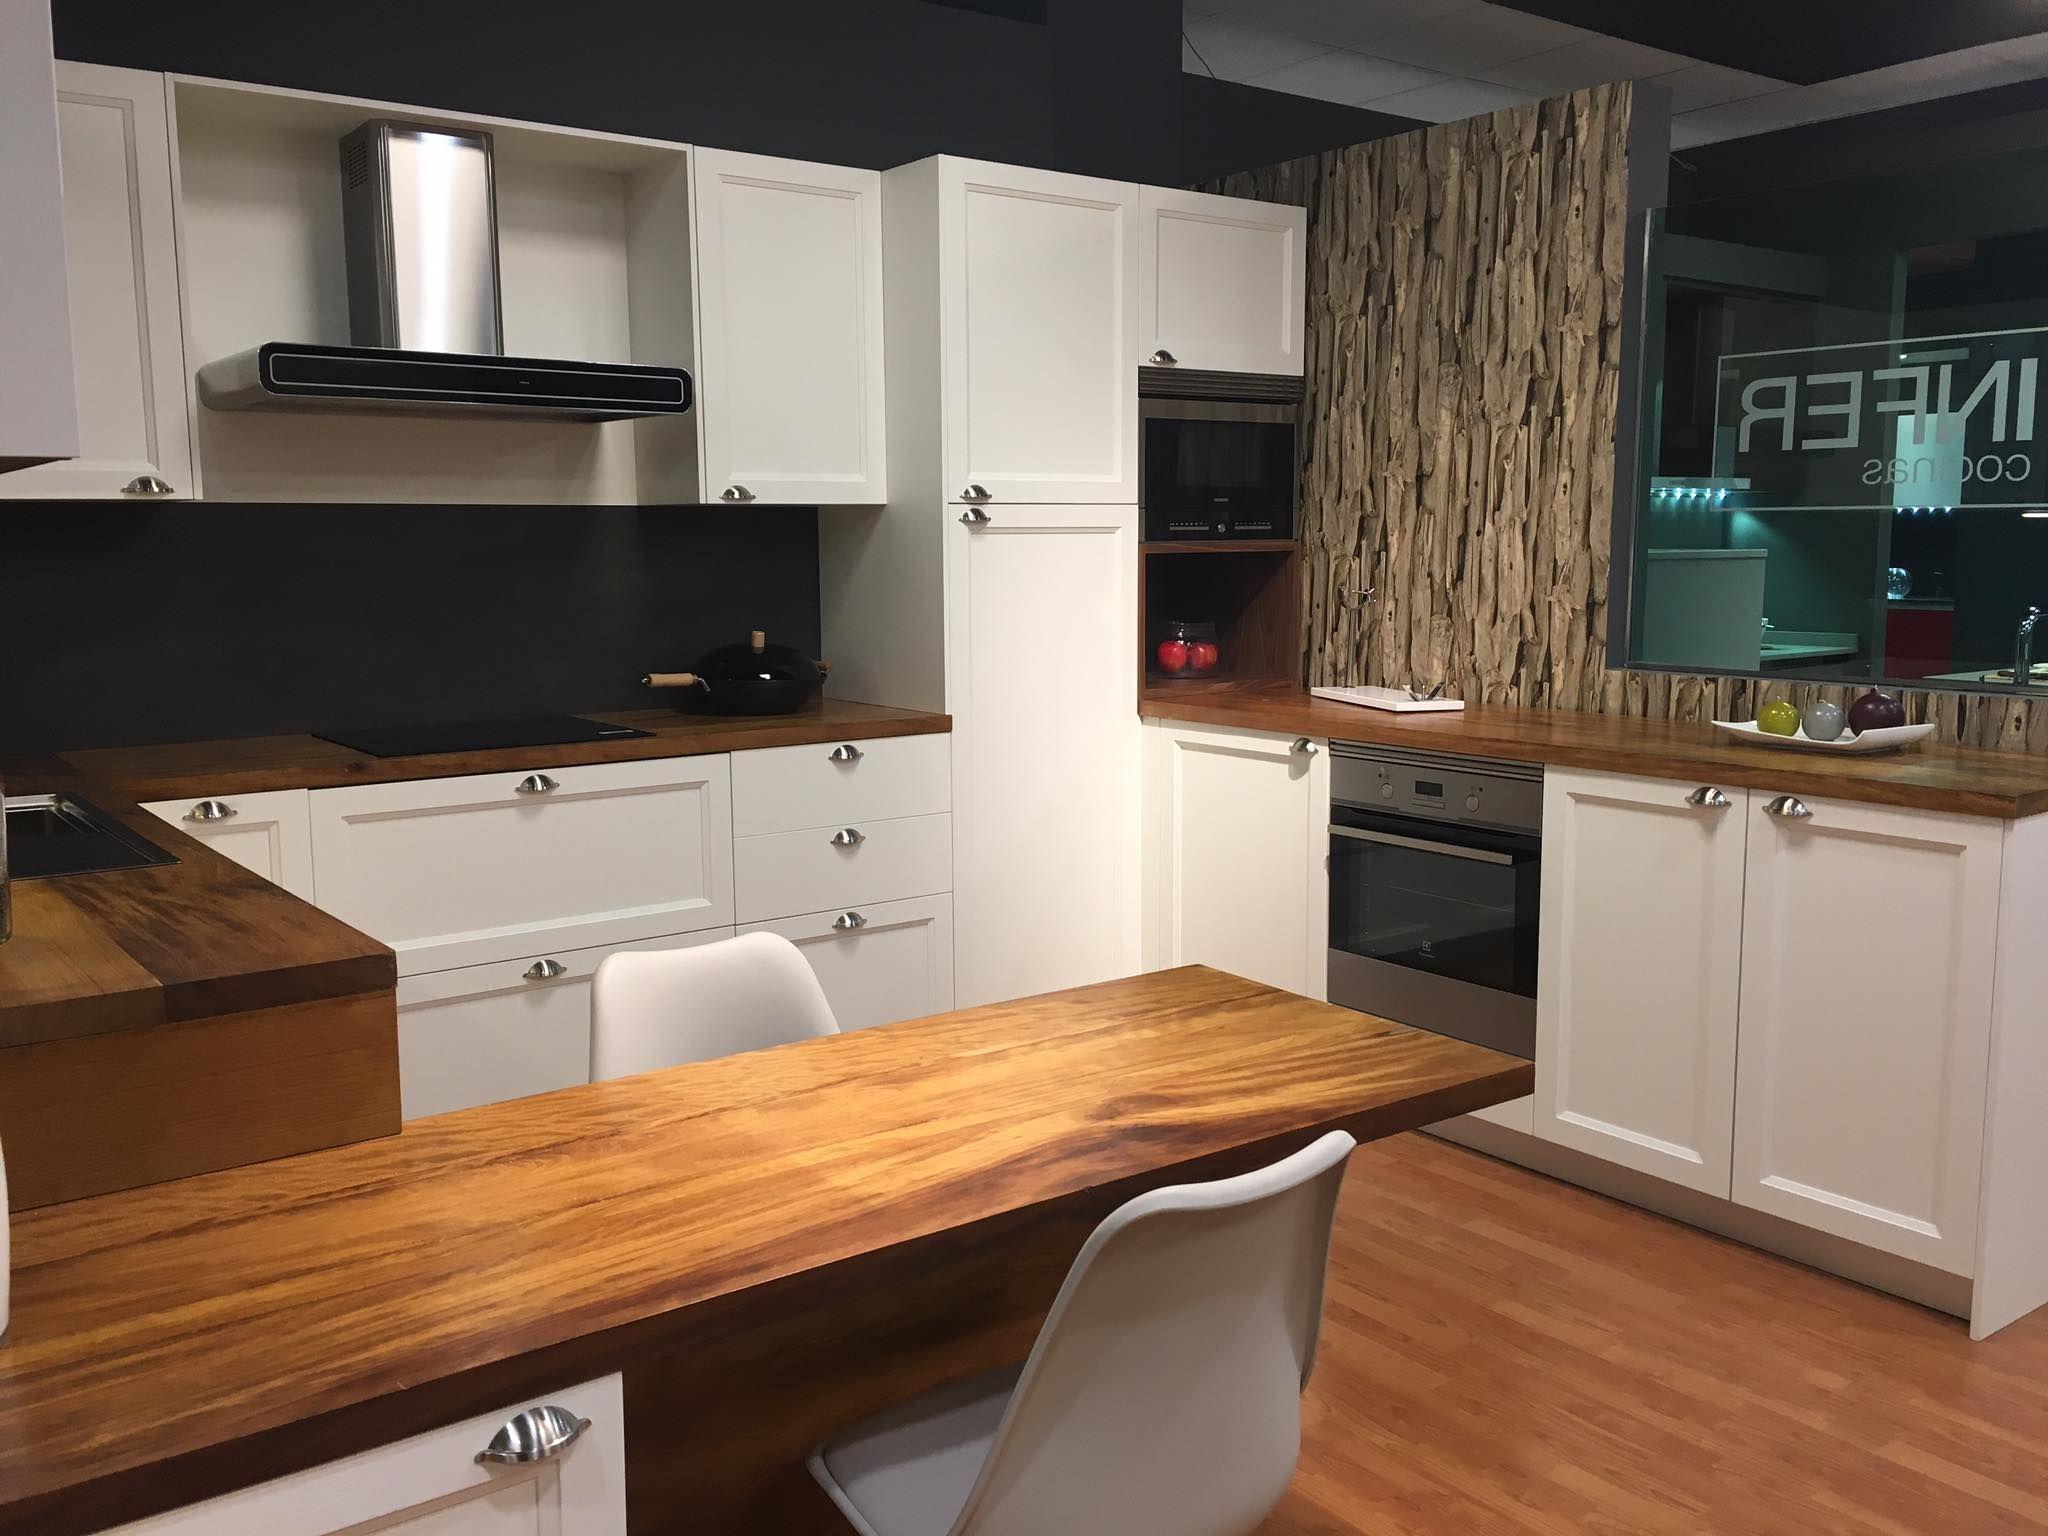 Nuevas cocinas para nuevos comienzos. En #Getafe nos renovamos ...